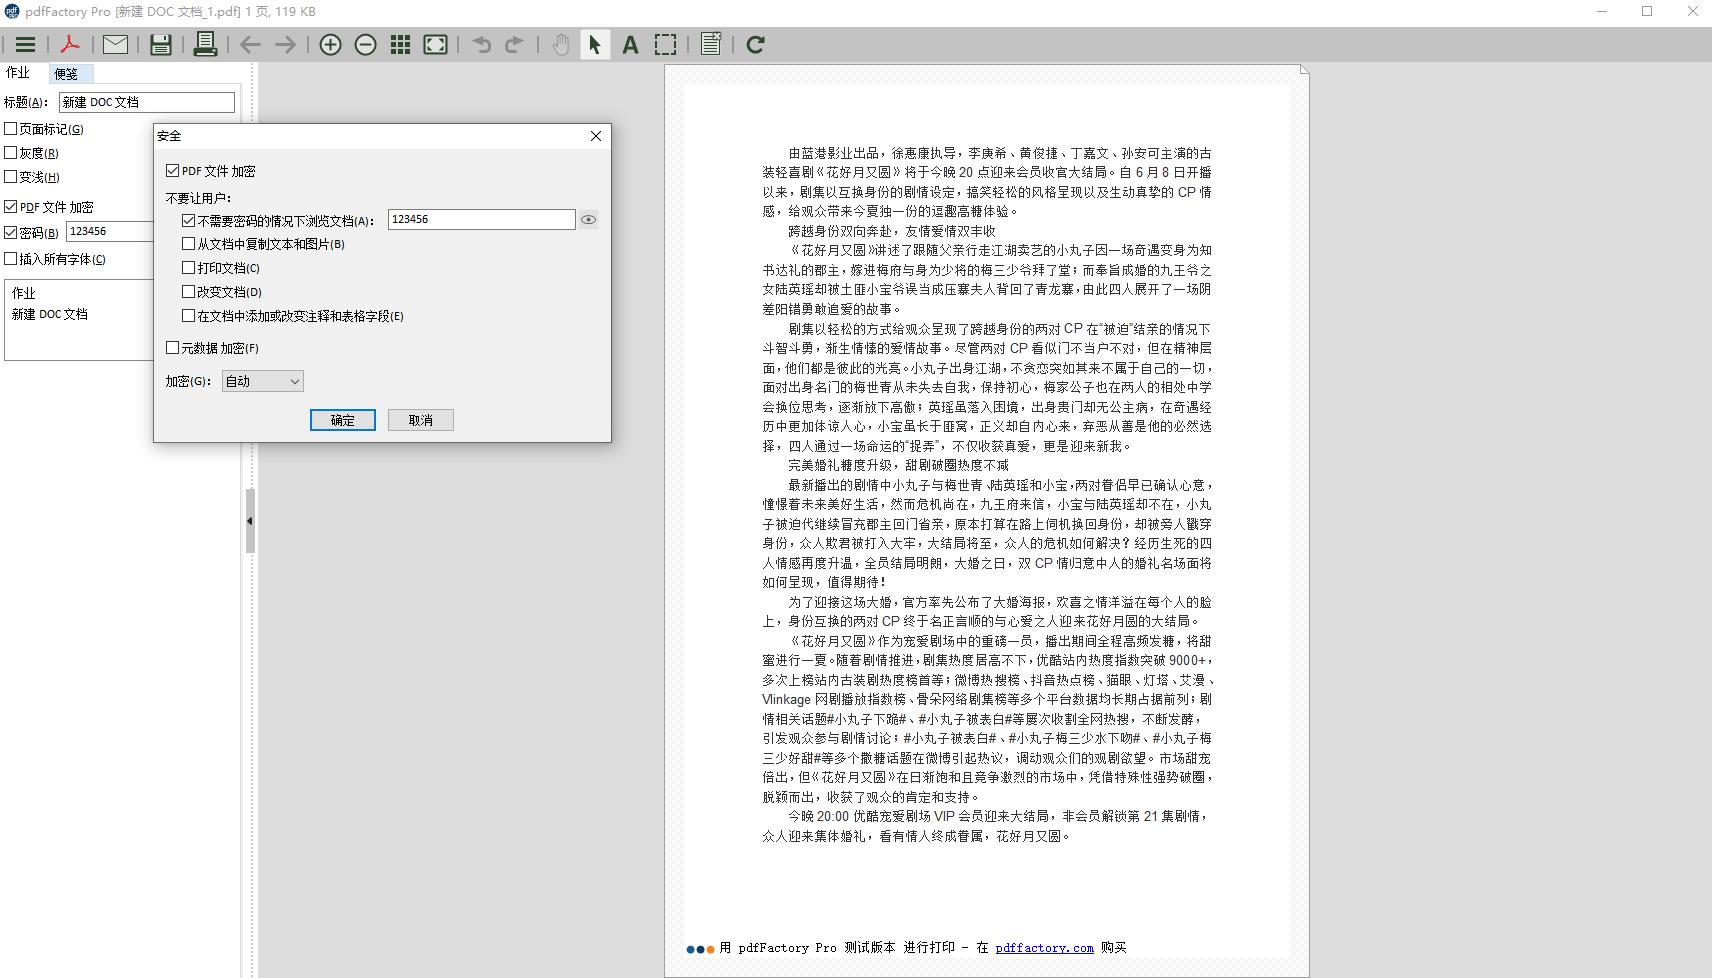 图6:设置文档的安全属性